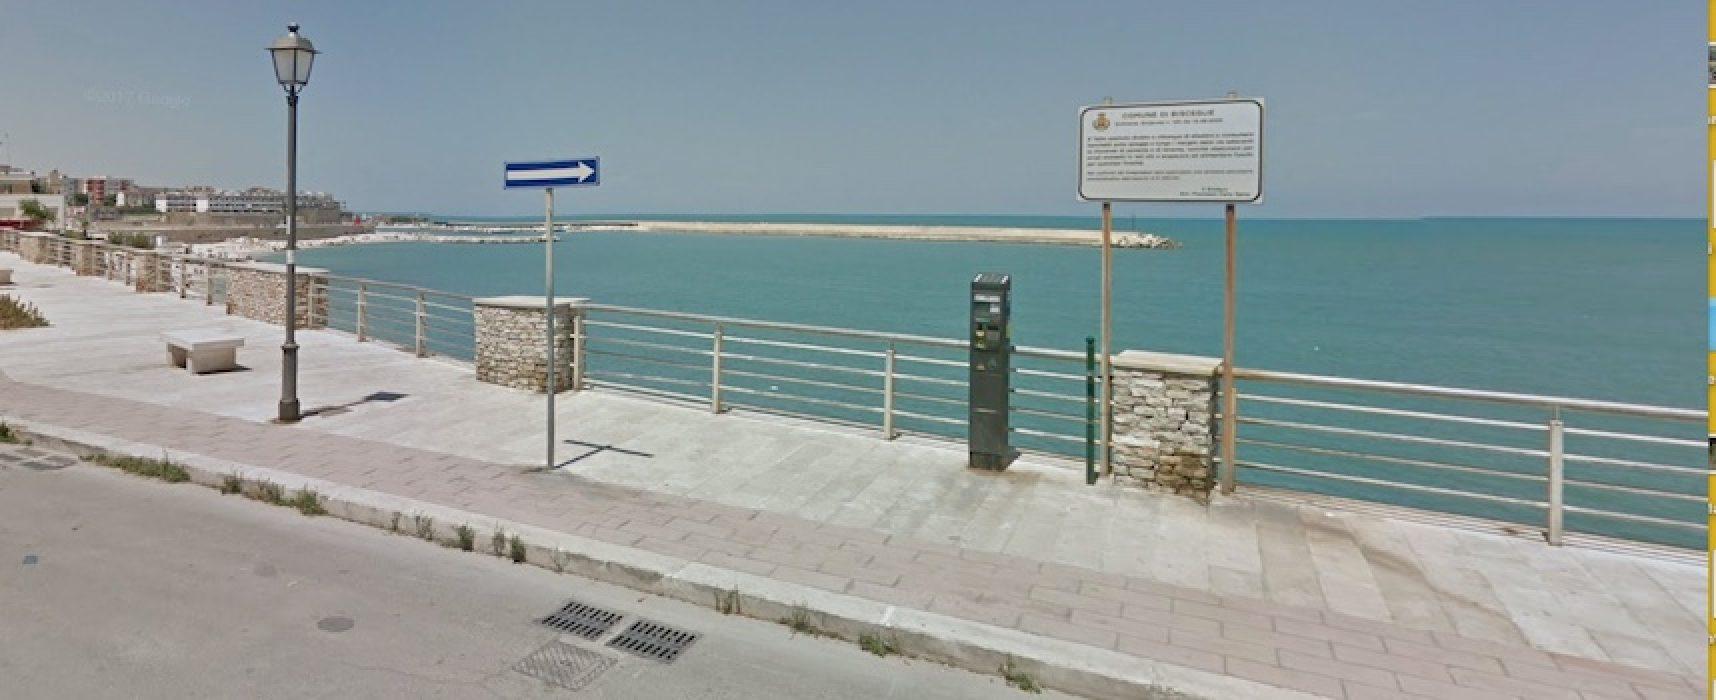 Nuovo appuntamento con Legambiente per pulizia prima spiaggia